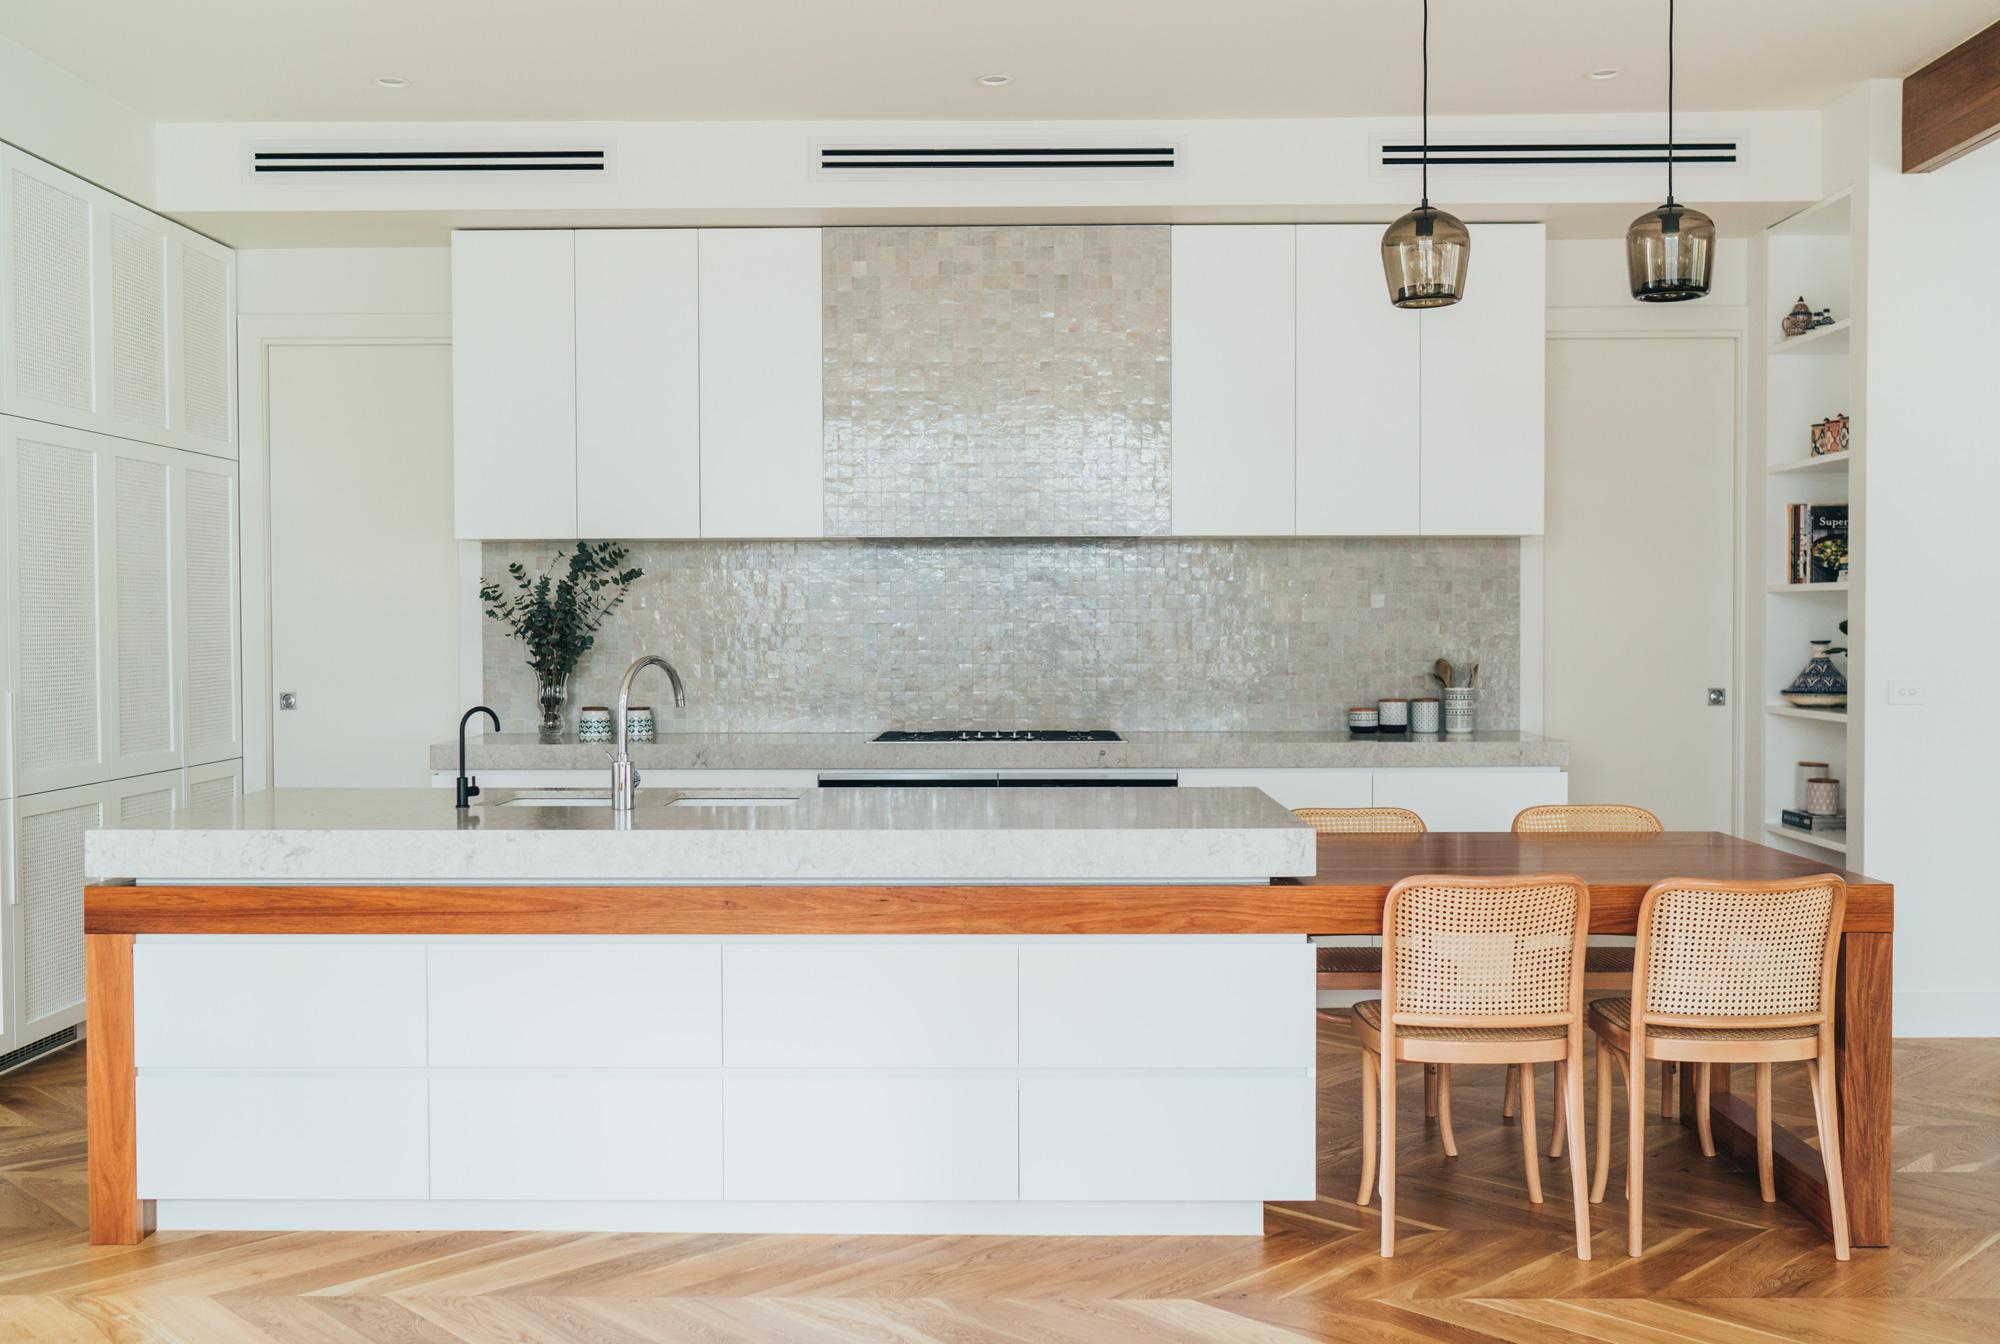 GABBE Interior design_malvern1_039.jpg